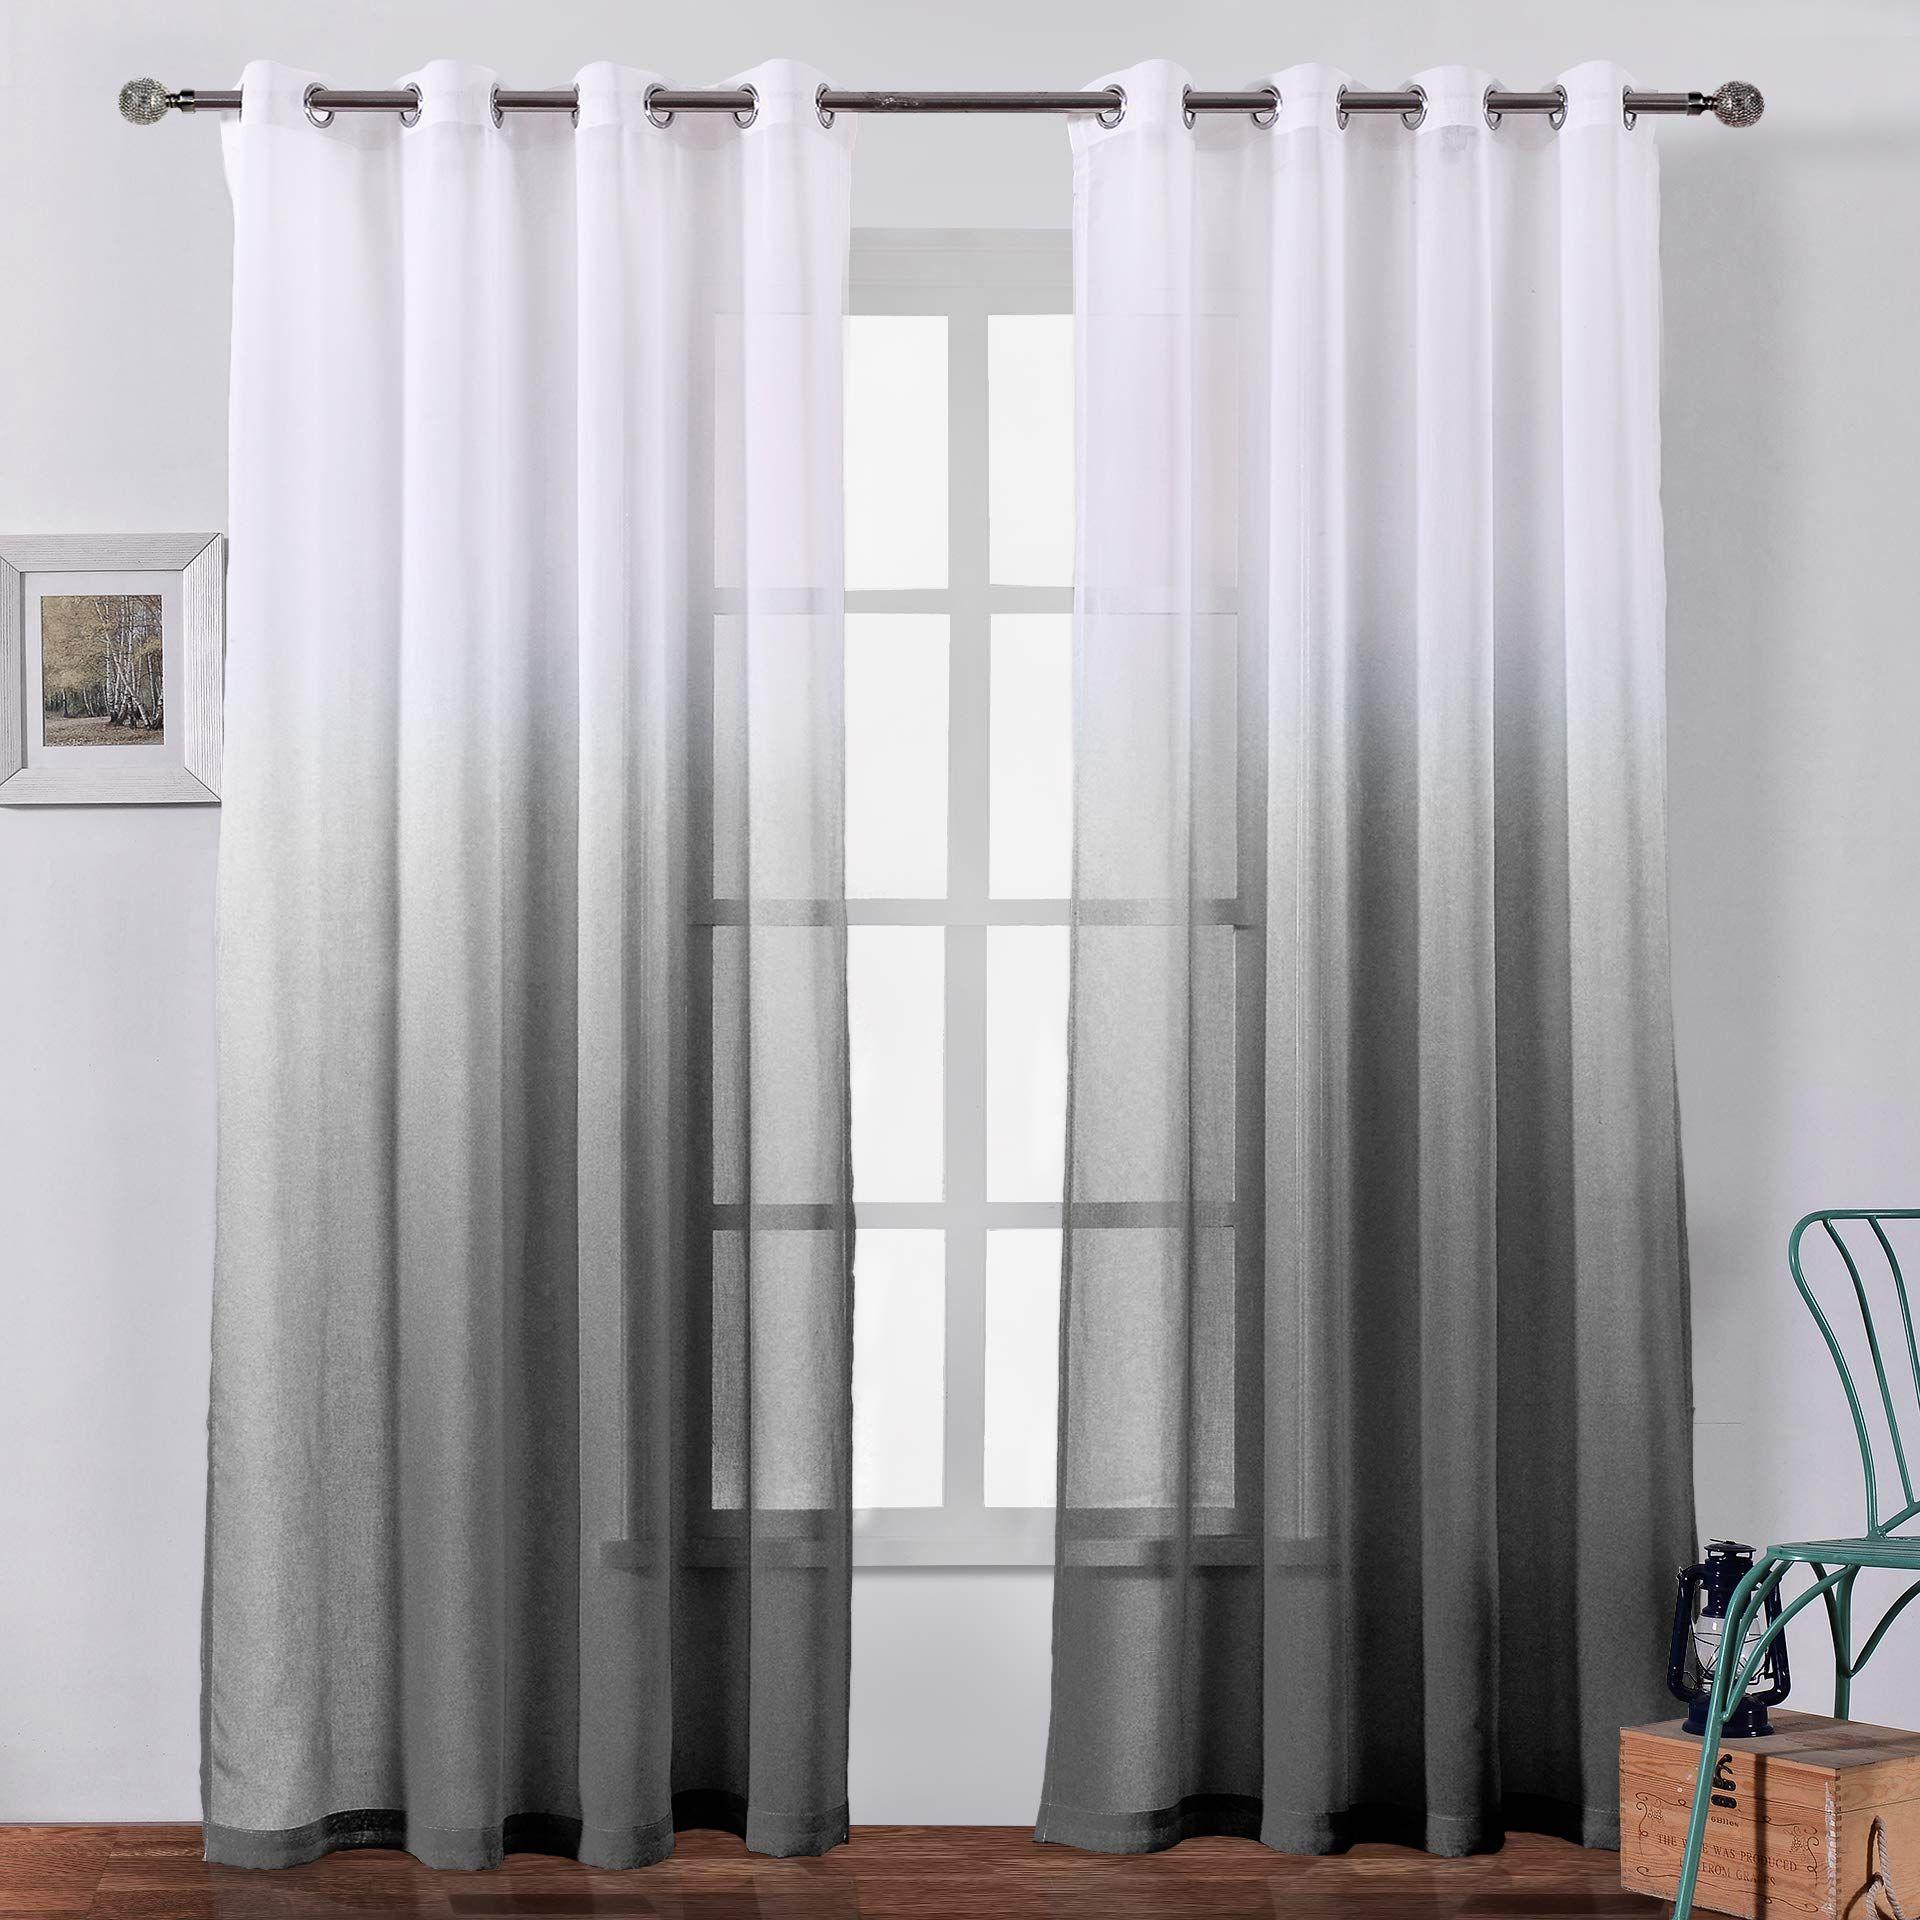 Bermino Faux Linen Ombre Sheer Curtains Voile Grommet Semi S